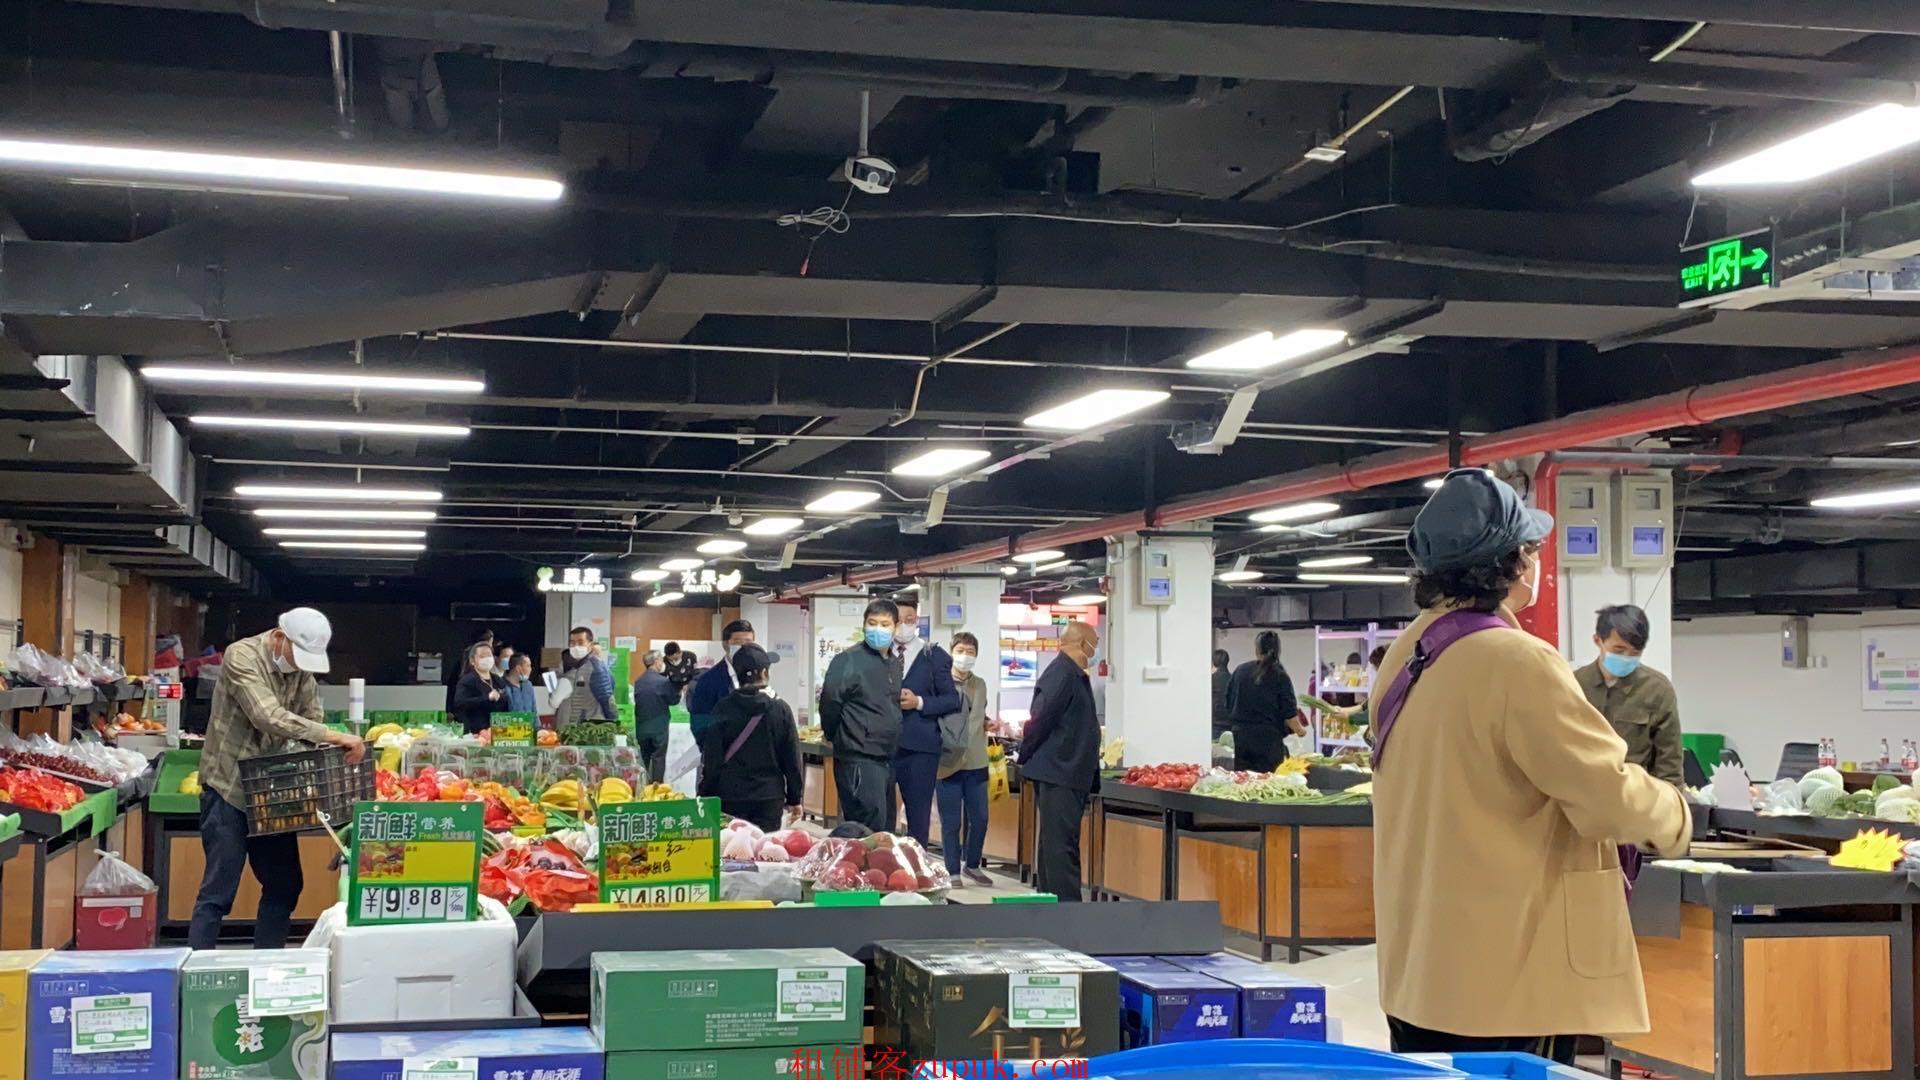 免费入驻丰台临街便民综合市场摊位招商招蔬菜水果档口出租